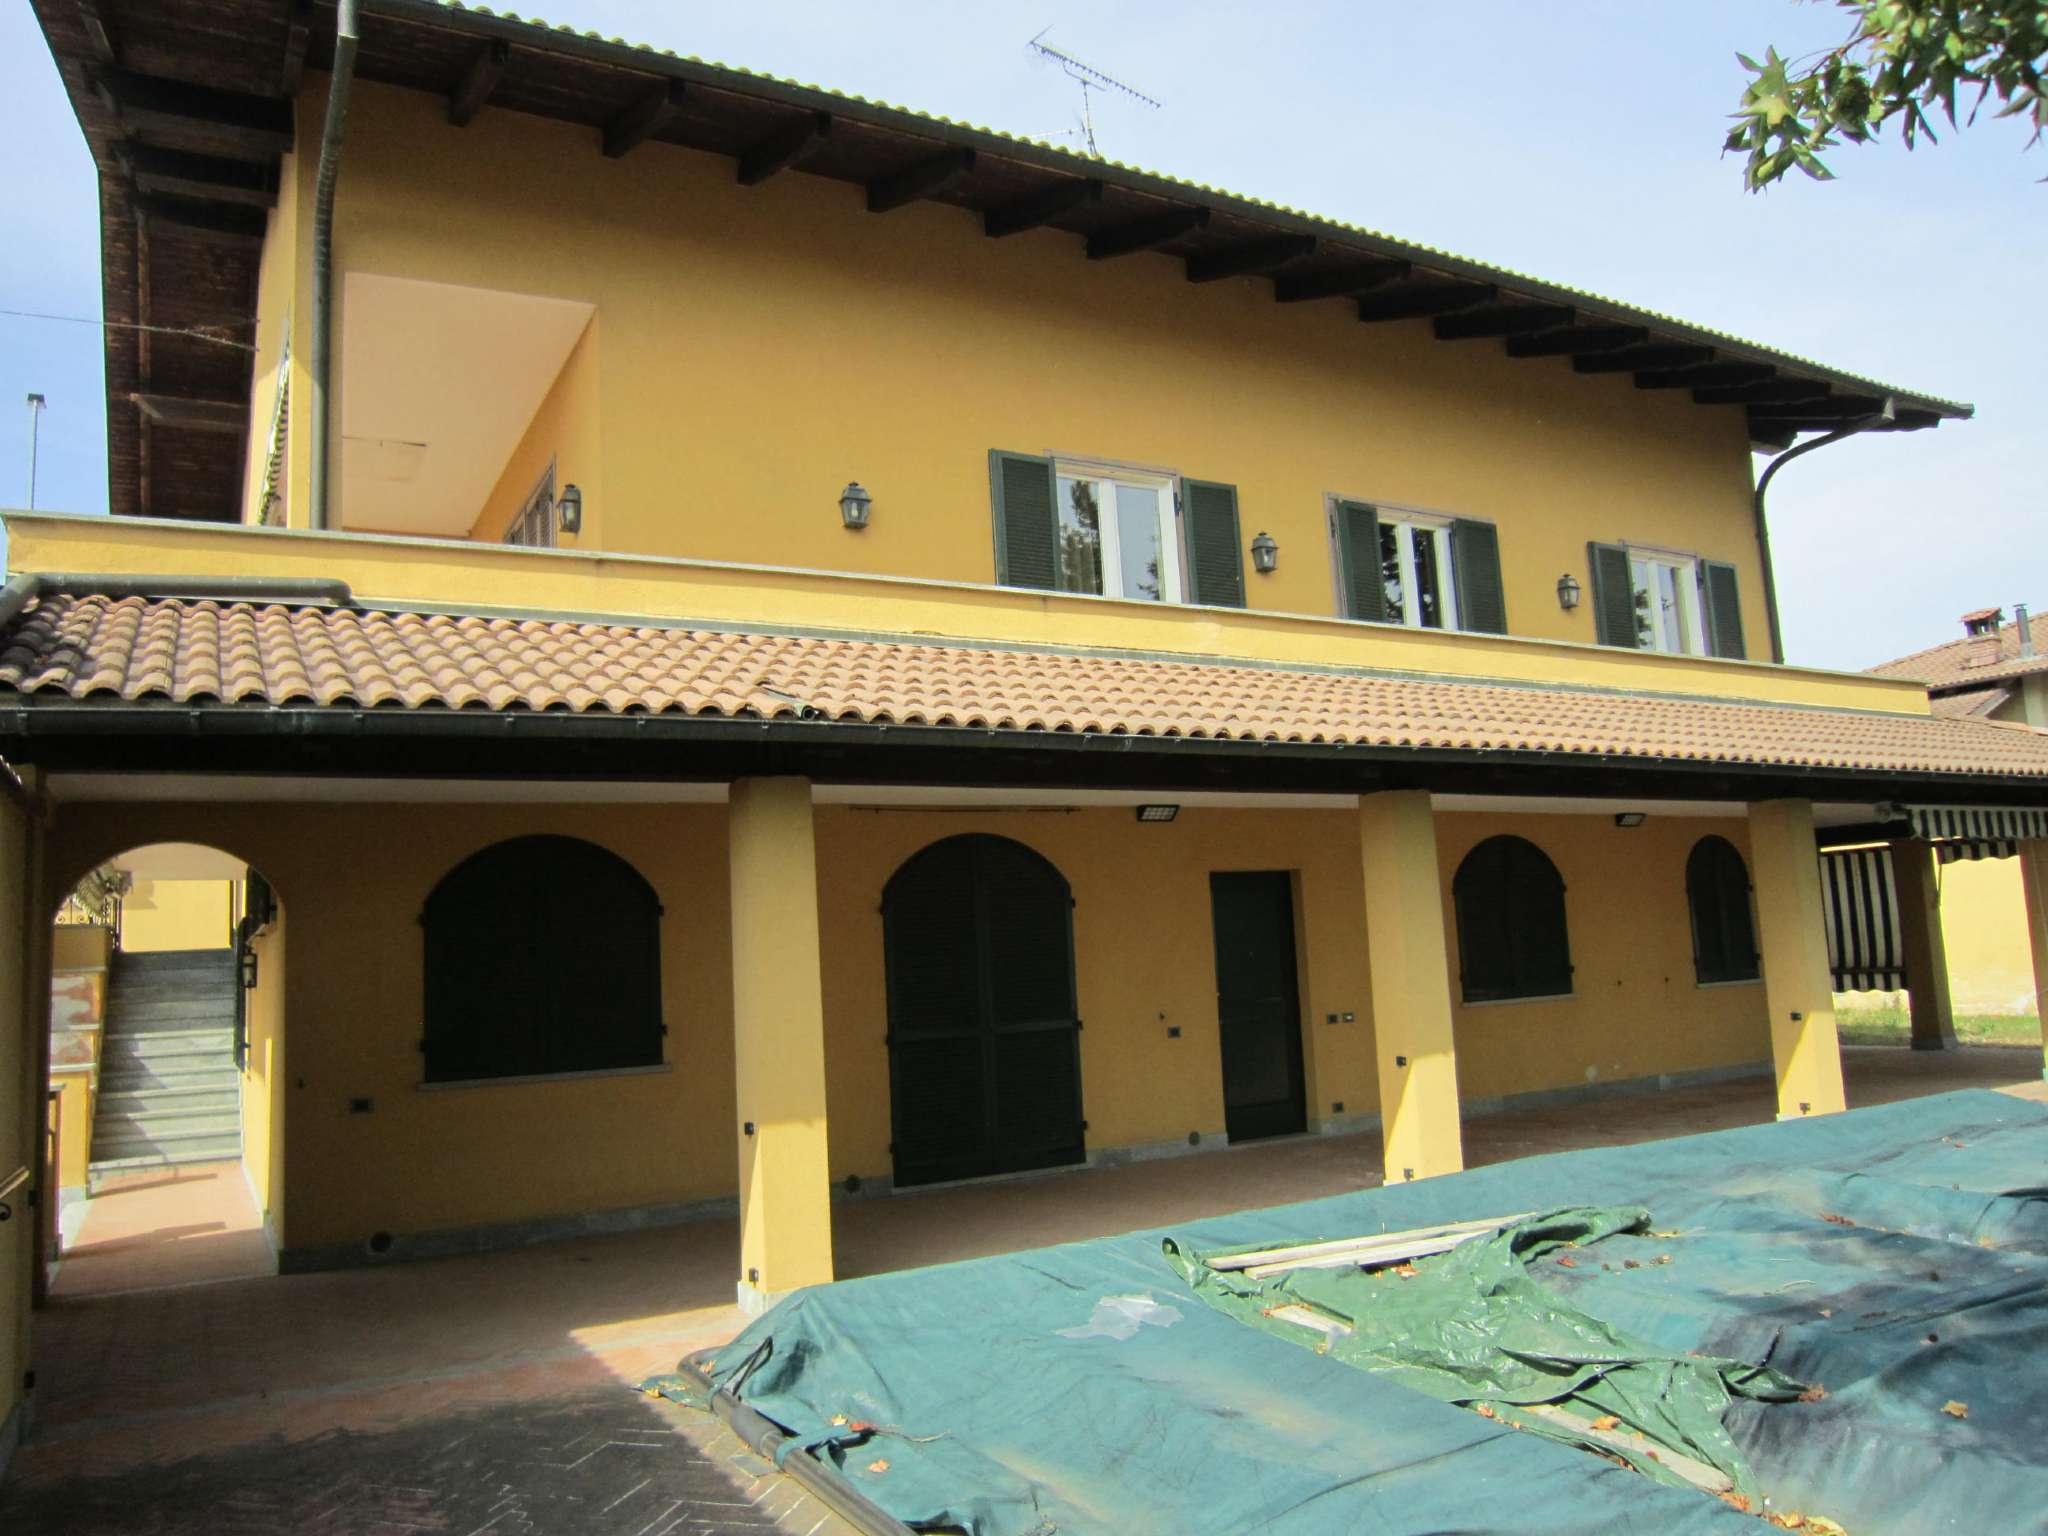 Soluzione Indipendente in vendita a Cherasco, 10 locali, prezzo € 440.000 | CambioCasa.it